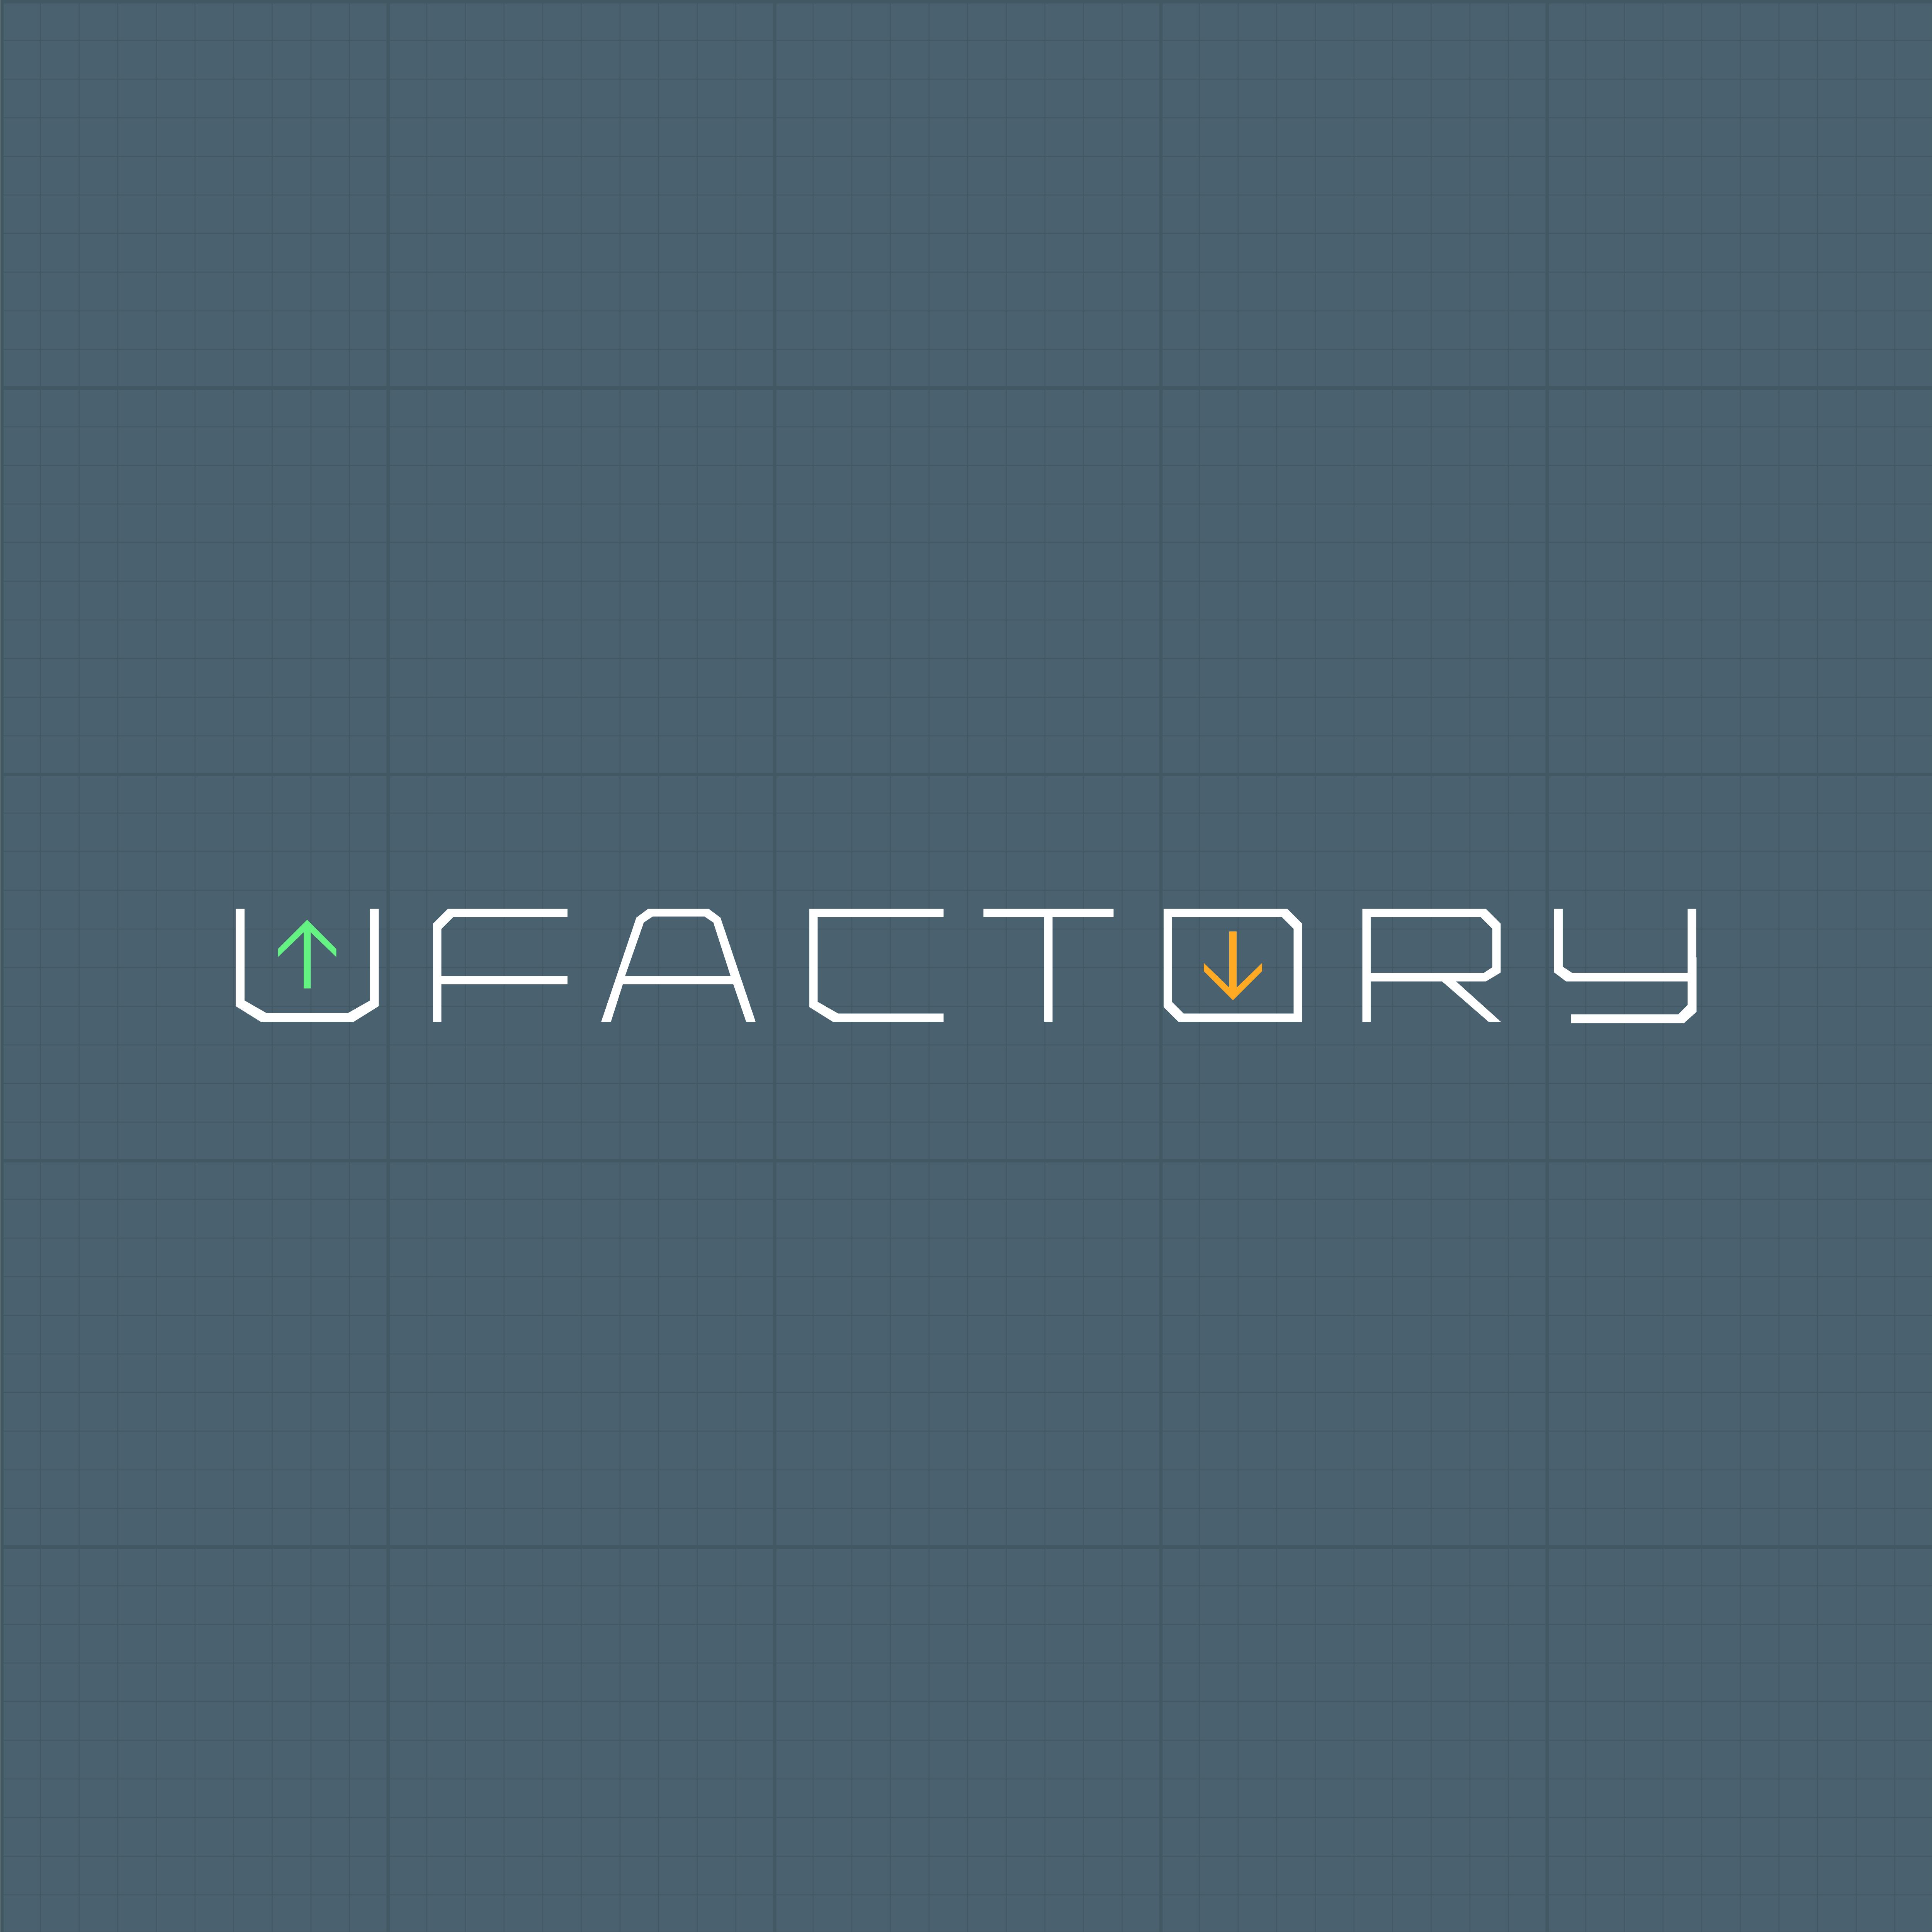 ufactory game logo